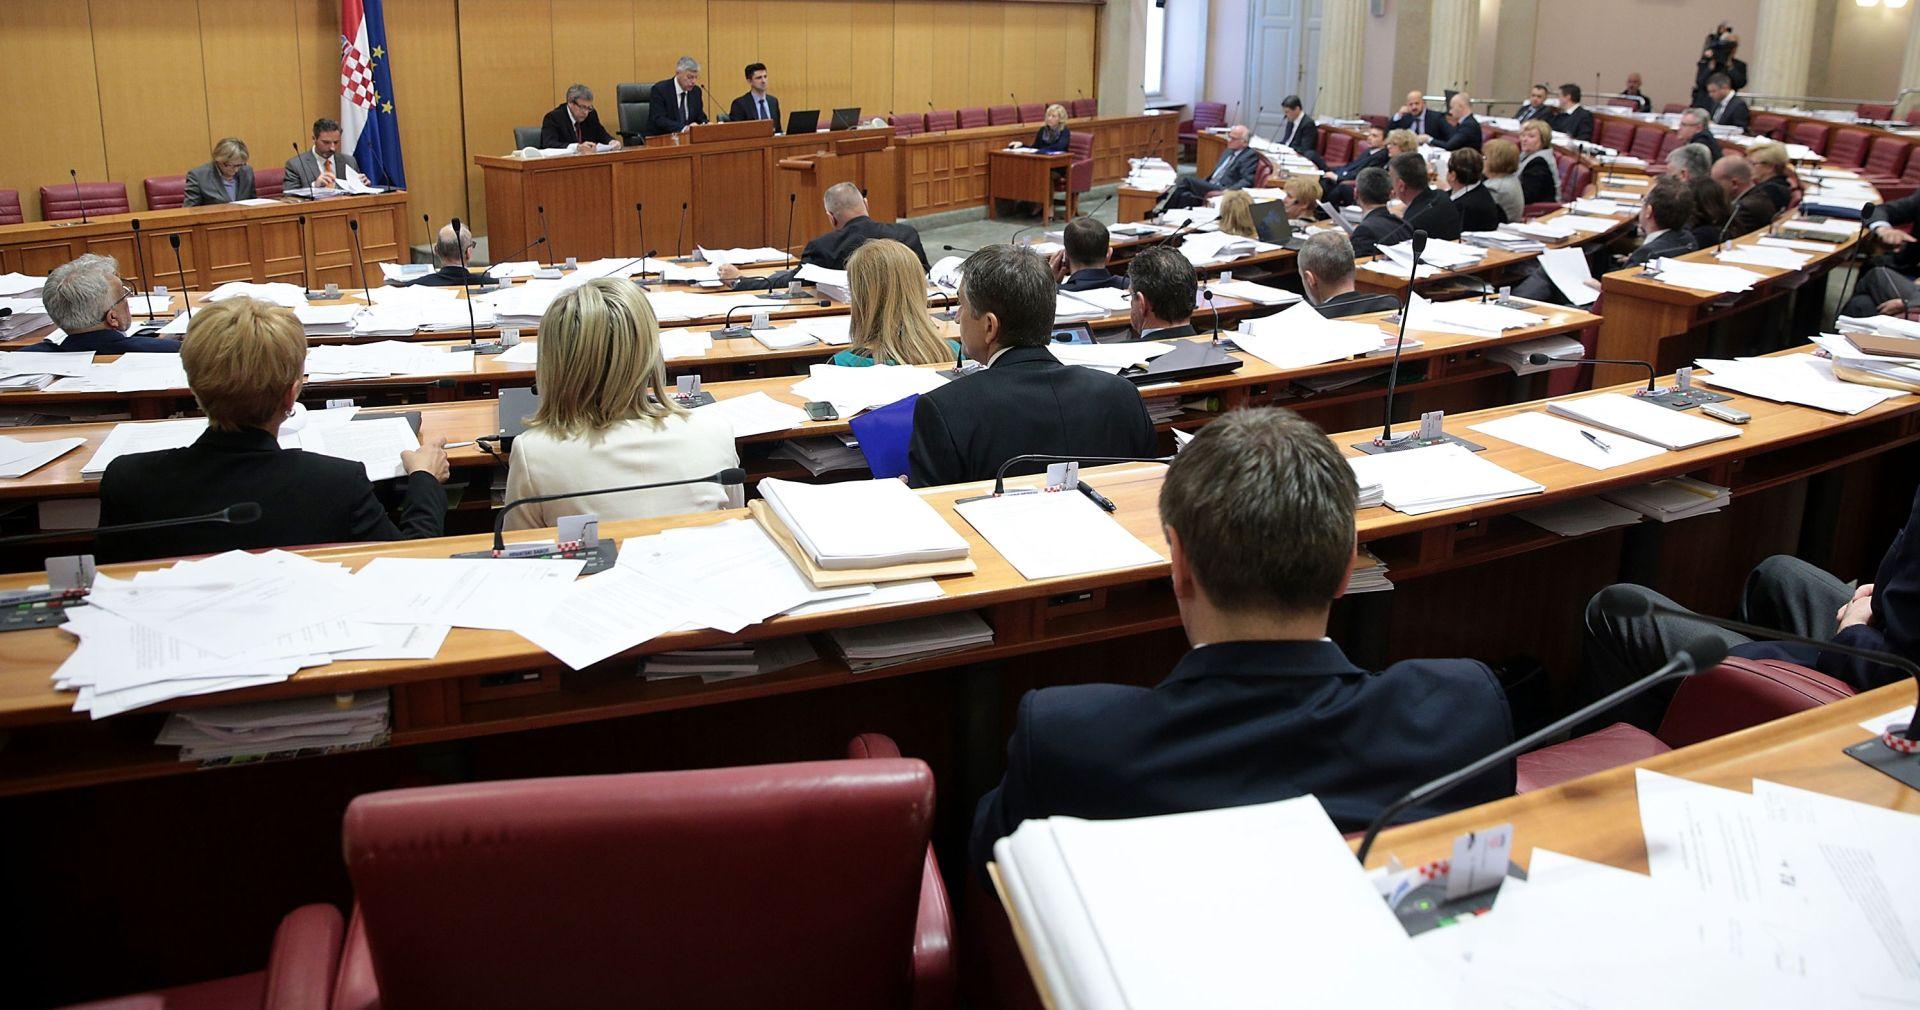 SABOR: Razmatranje prijedloga izmjene Zakona o prostornom uređenju